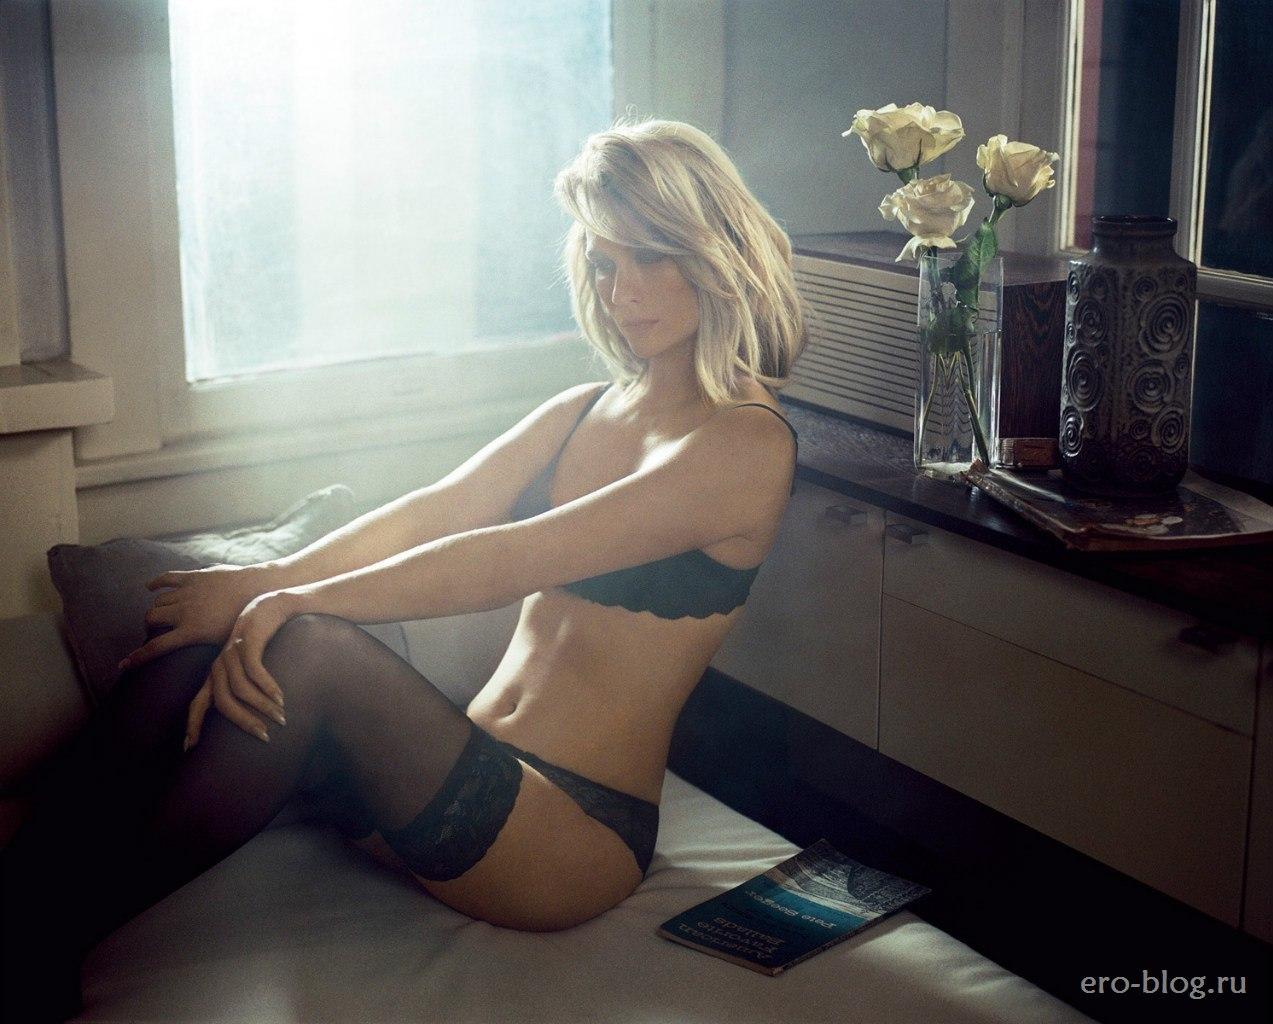 Голая обнаженная January Jones | Дженьюари Джонс интимные фото звезды